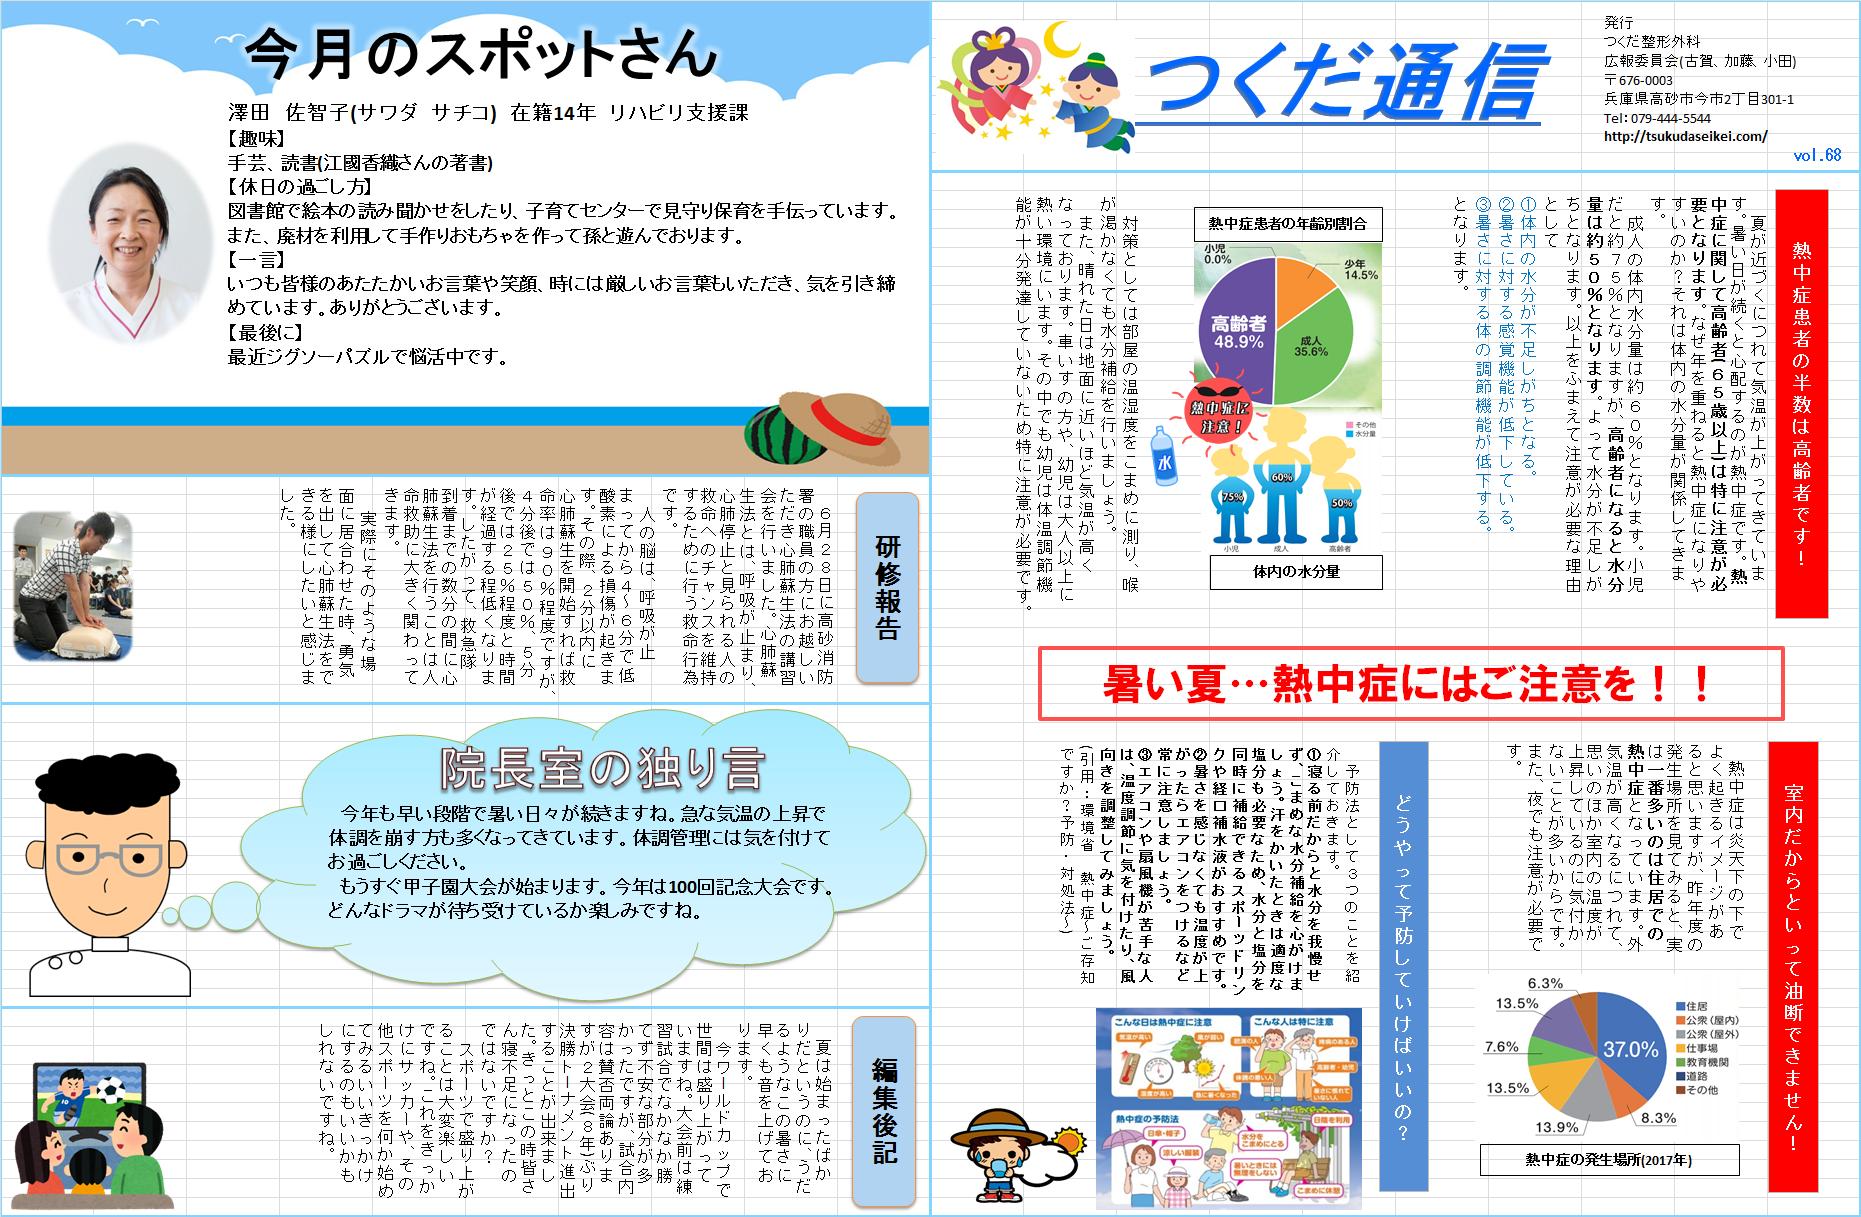 http://www.tsukudaseikei.com/news/%E3%81%A4%E3%81%8F%E3%81%A068.png